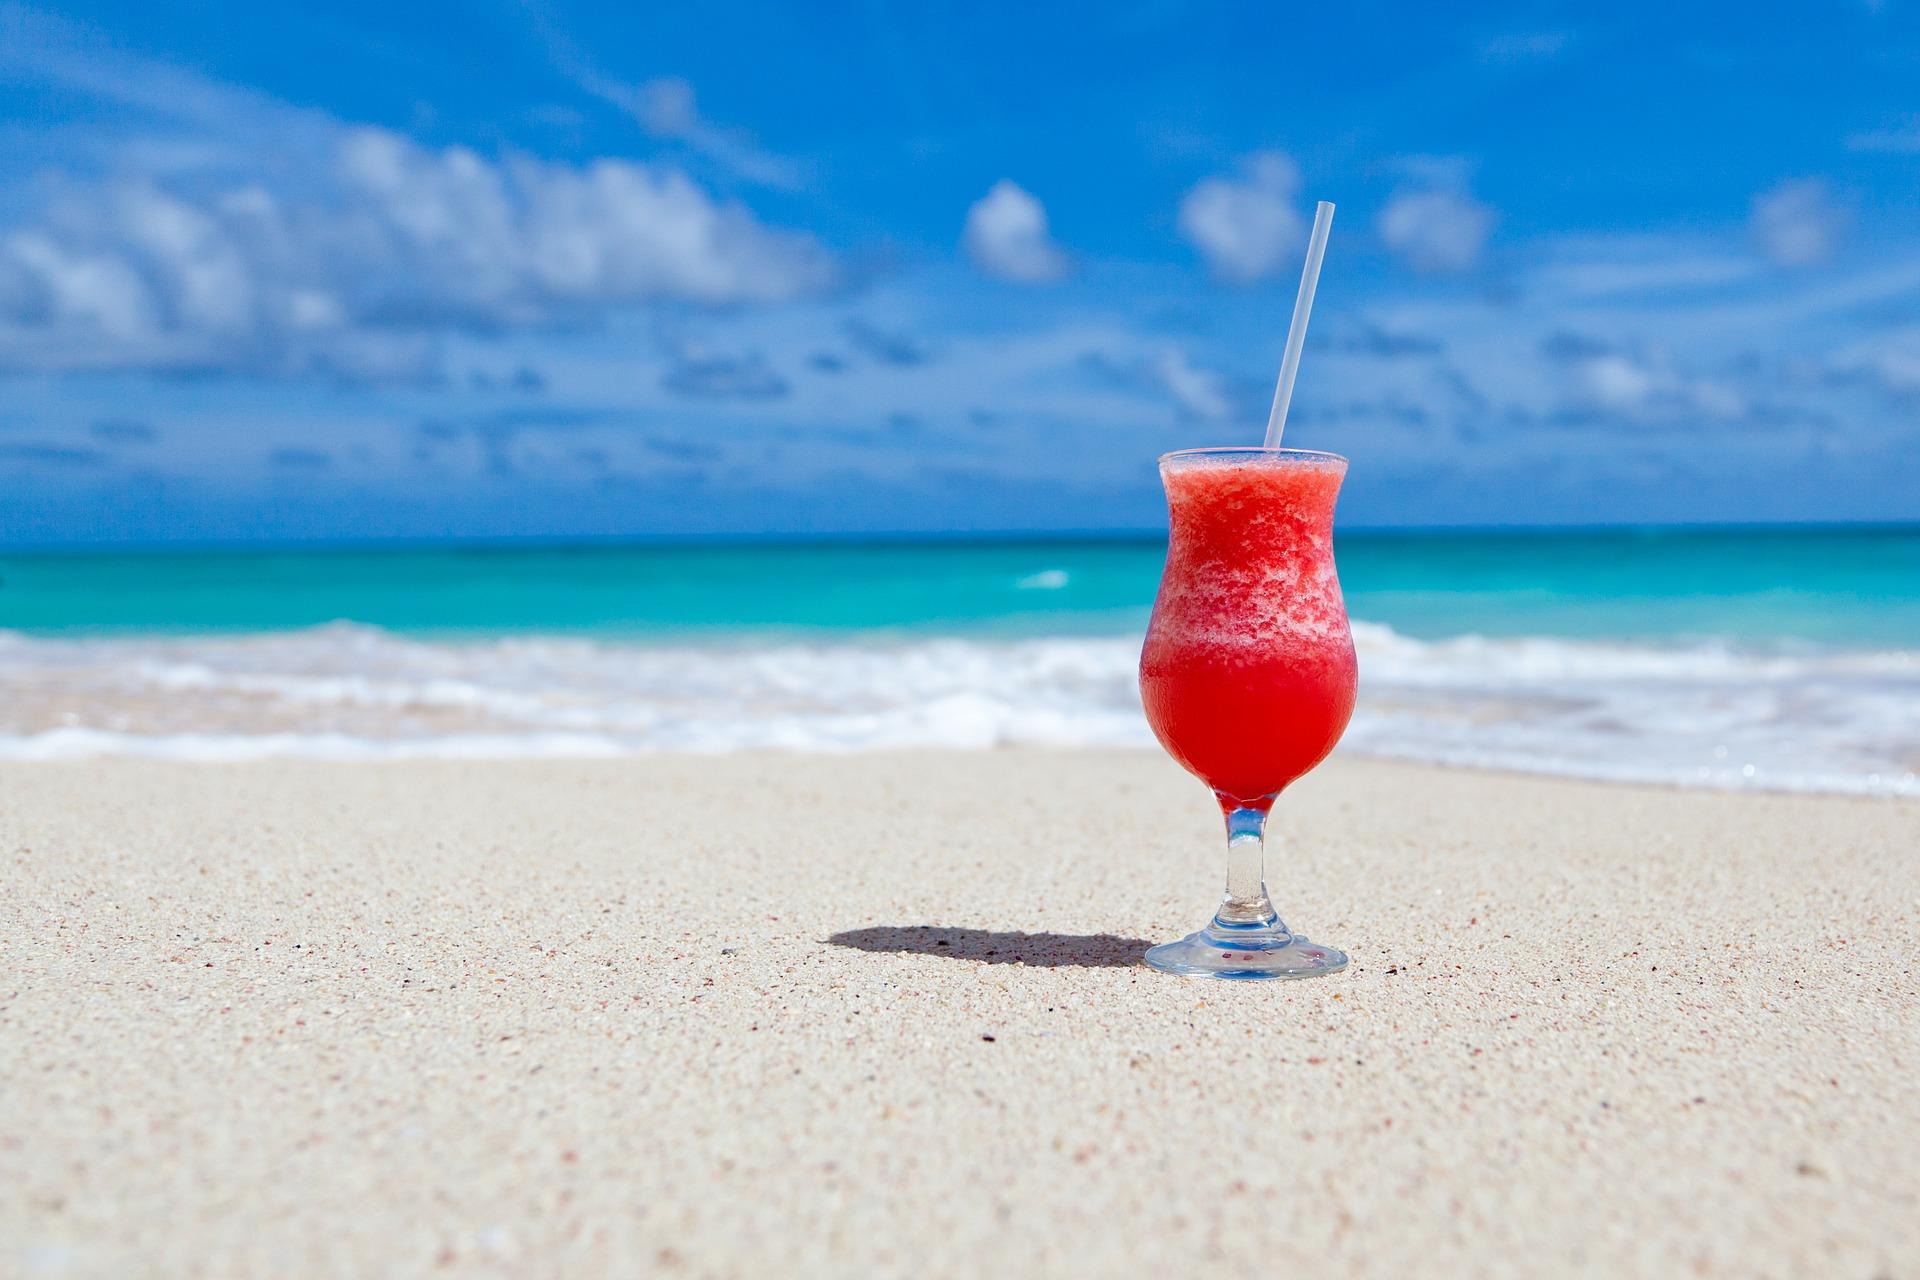 bedarra island resort mission beach qld